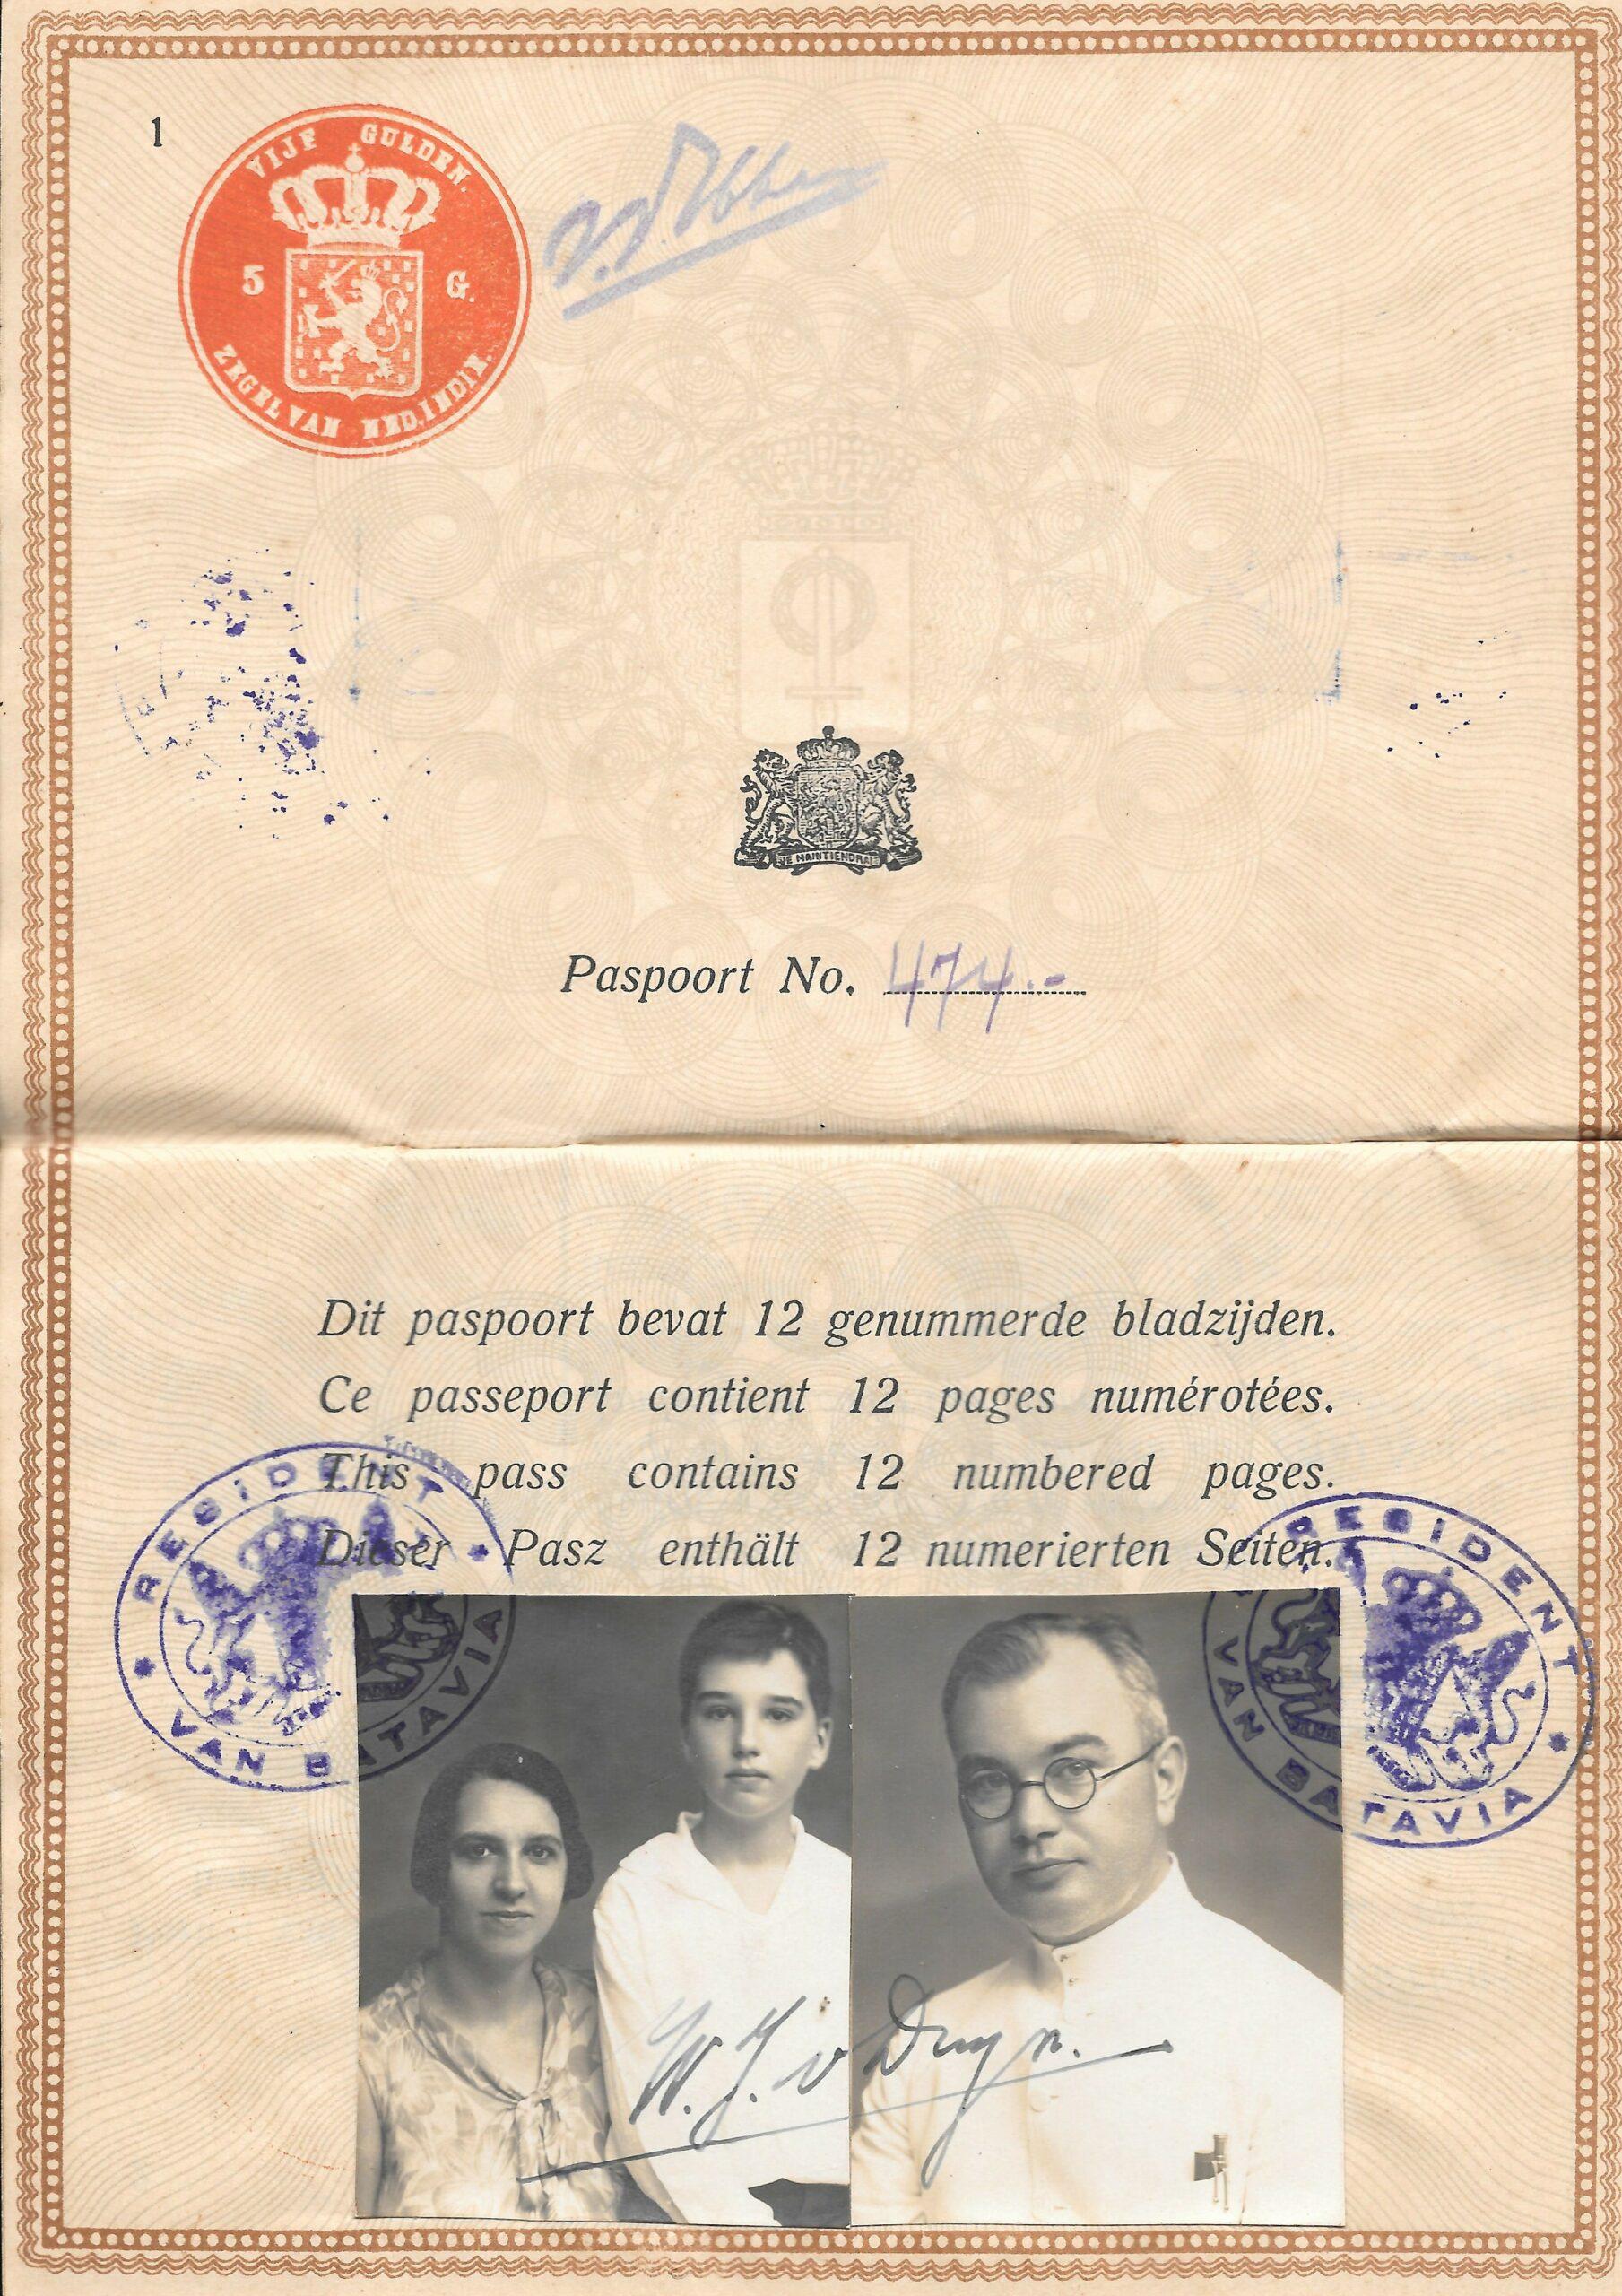 Het paspoort met de foto's van Willem van Duijn, zijn vrouw Catharina Buwalda en zoon Willem die later trouwt met Ada Neomagus.